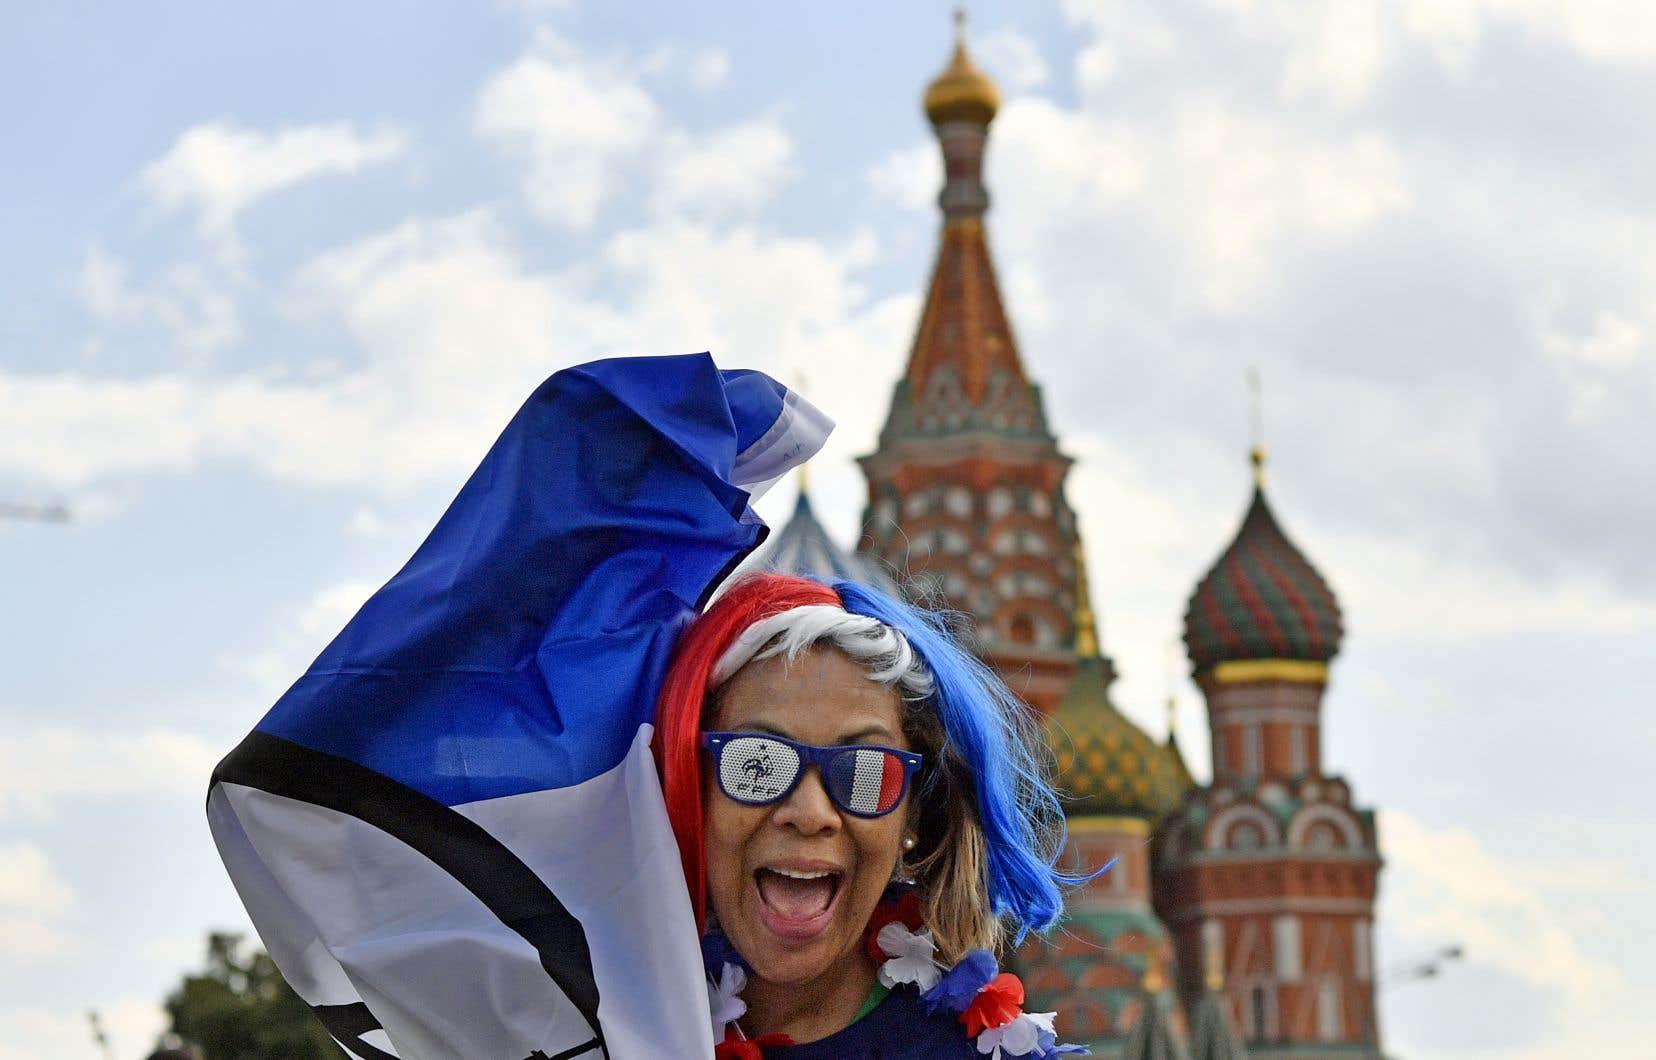 Une partisane de l'équipe de soccer de France pose sur la place Rouge, vendredi, à deux jours de la finale.